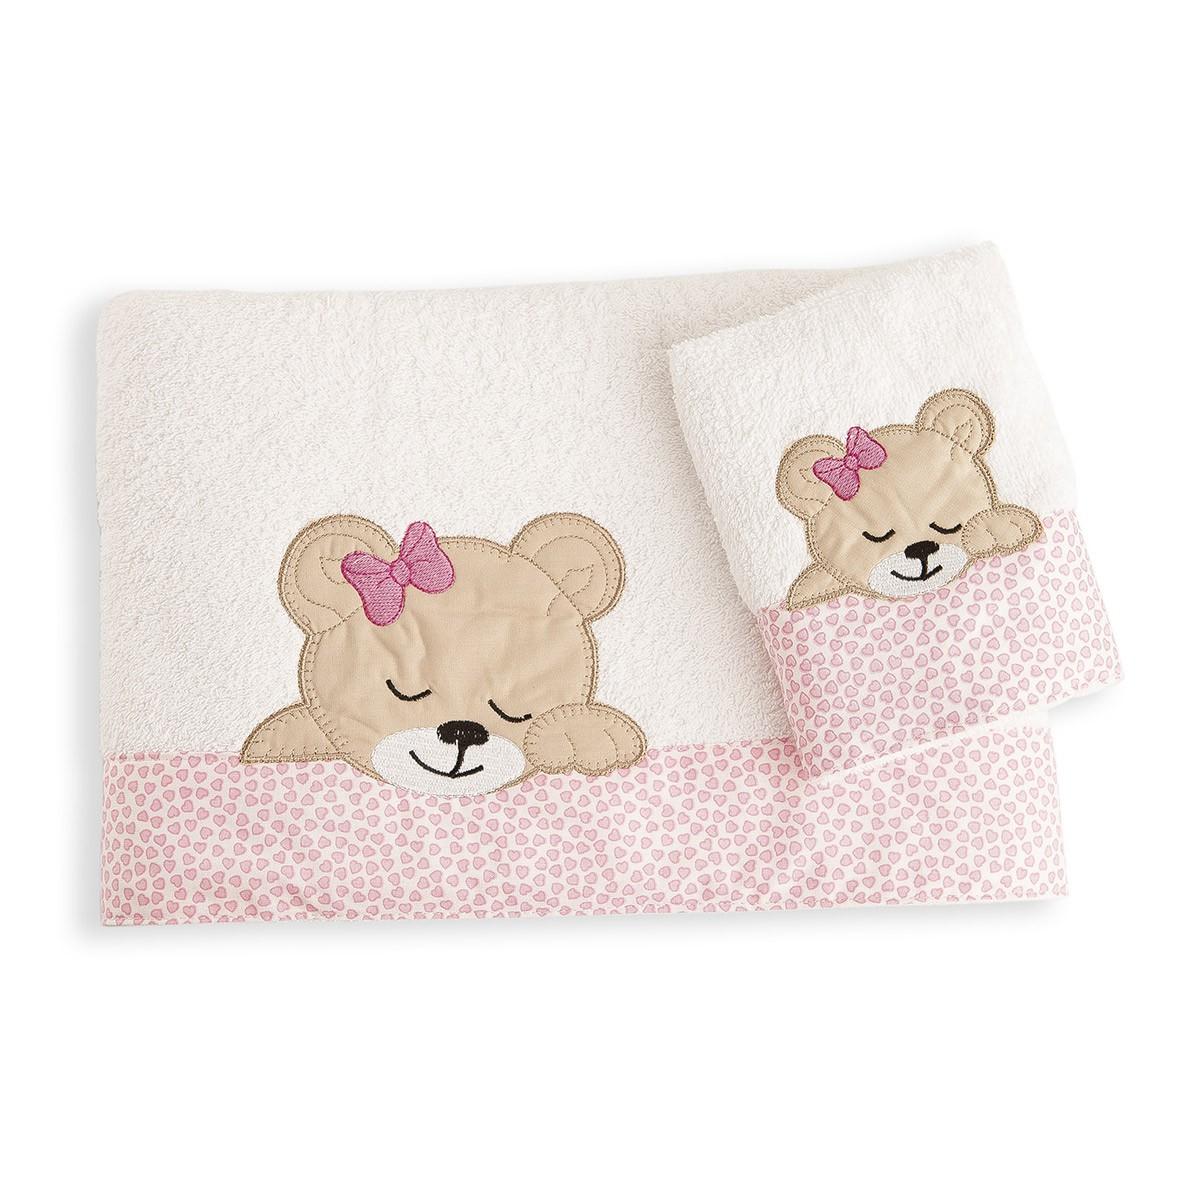 Βρεφικές Πετσέτες (Σετ 2τμχ) Dim Collection Sleeping Bear Cub 12